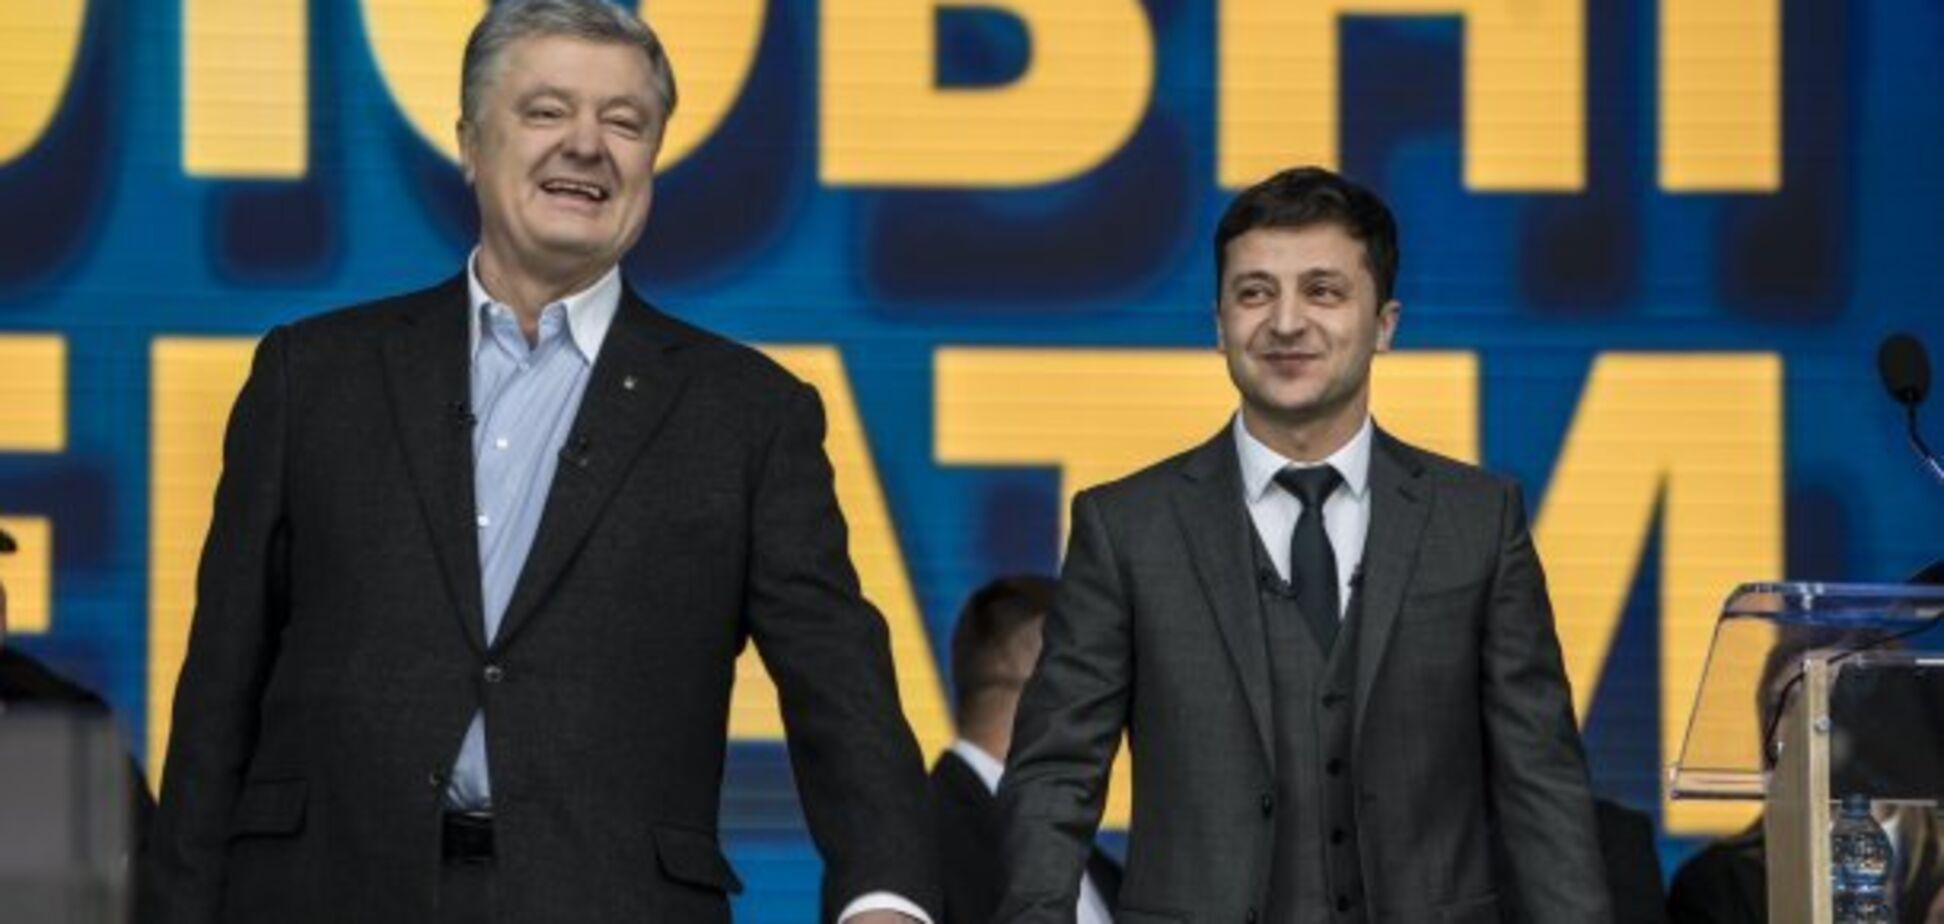 'Це особлива подія': Порошенко дав важливі поради Зеленському перед самітом Україна-ЄС